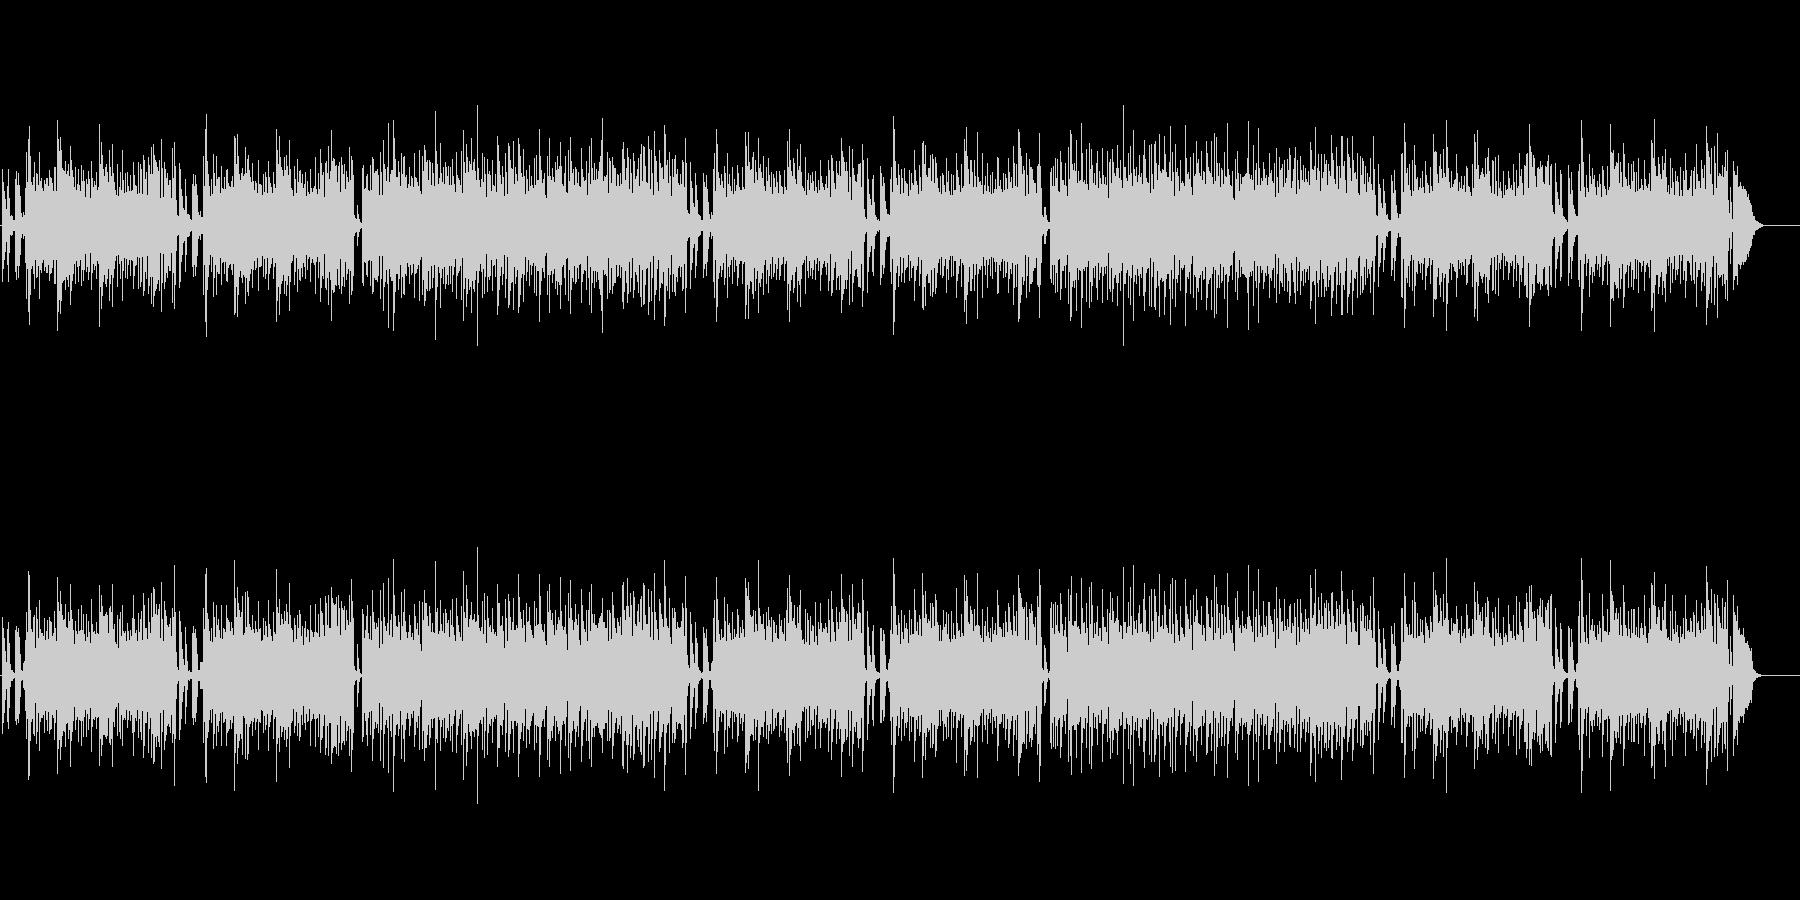 ヨーロピアン風ピアノ・バラードの未再生の波形